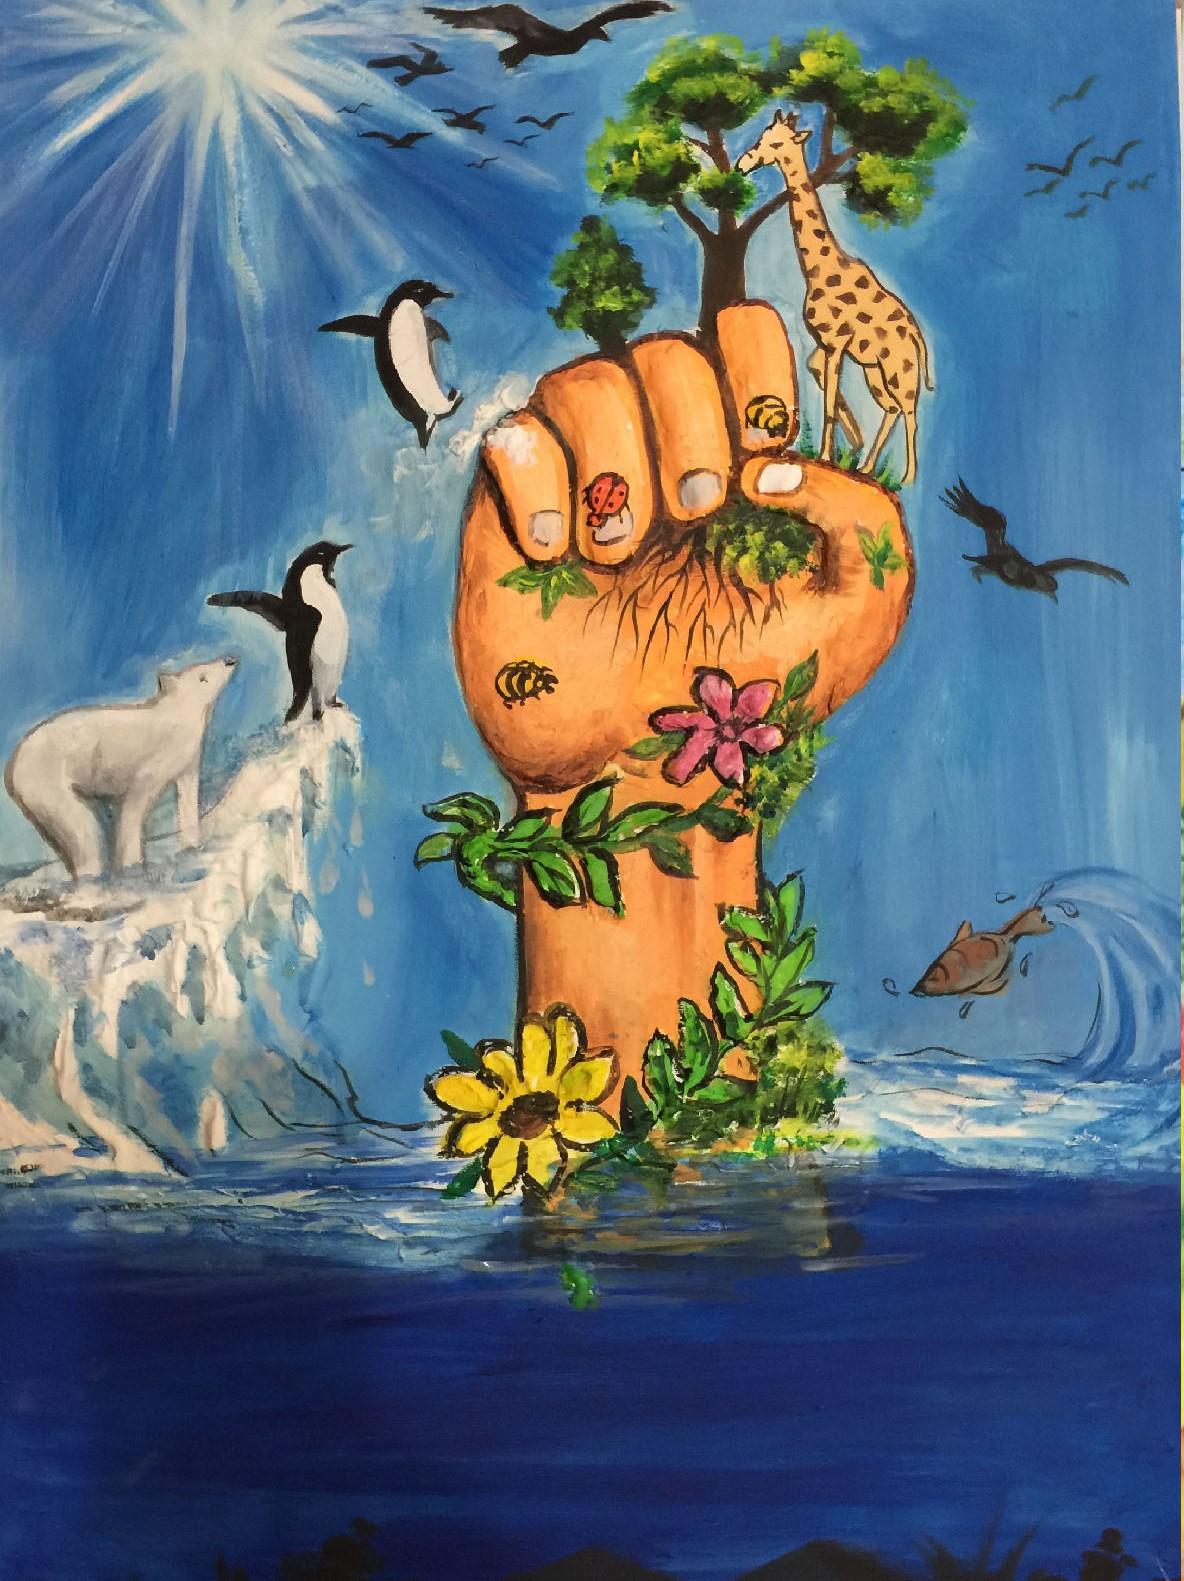 My hand for Animals by Bhuvina velmurugan